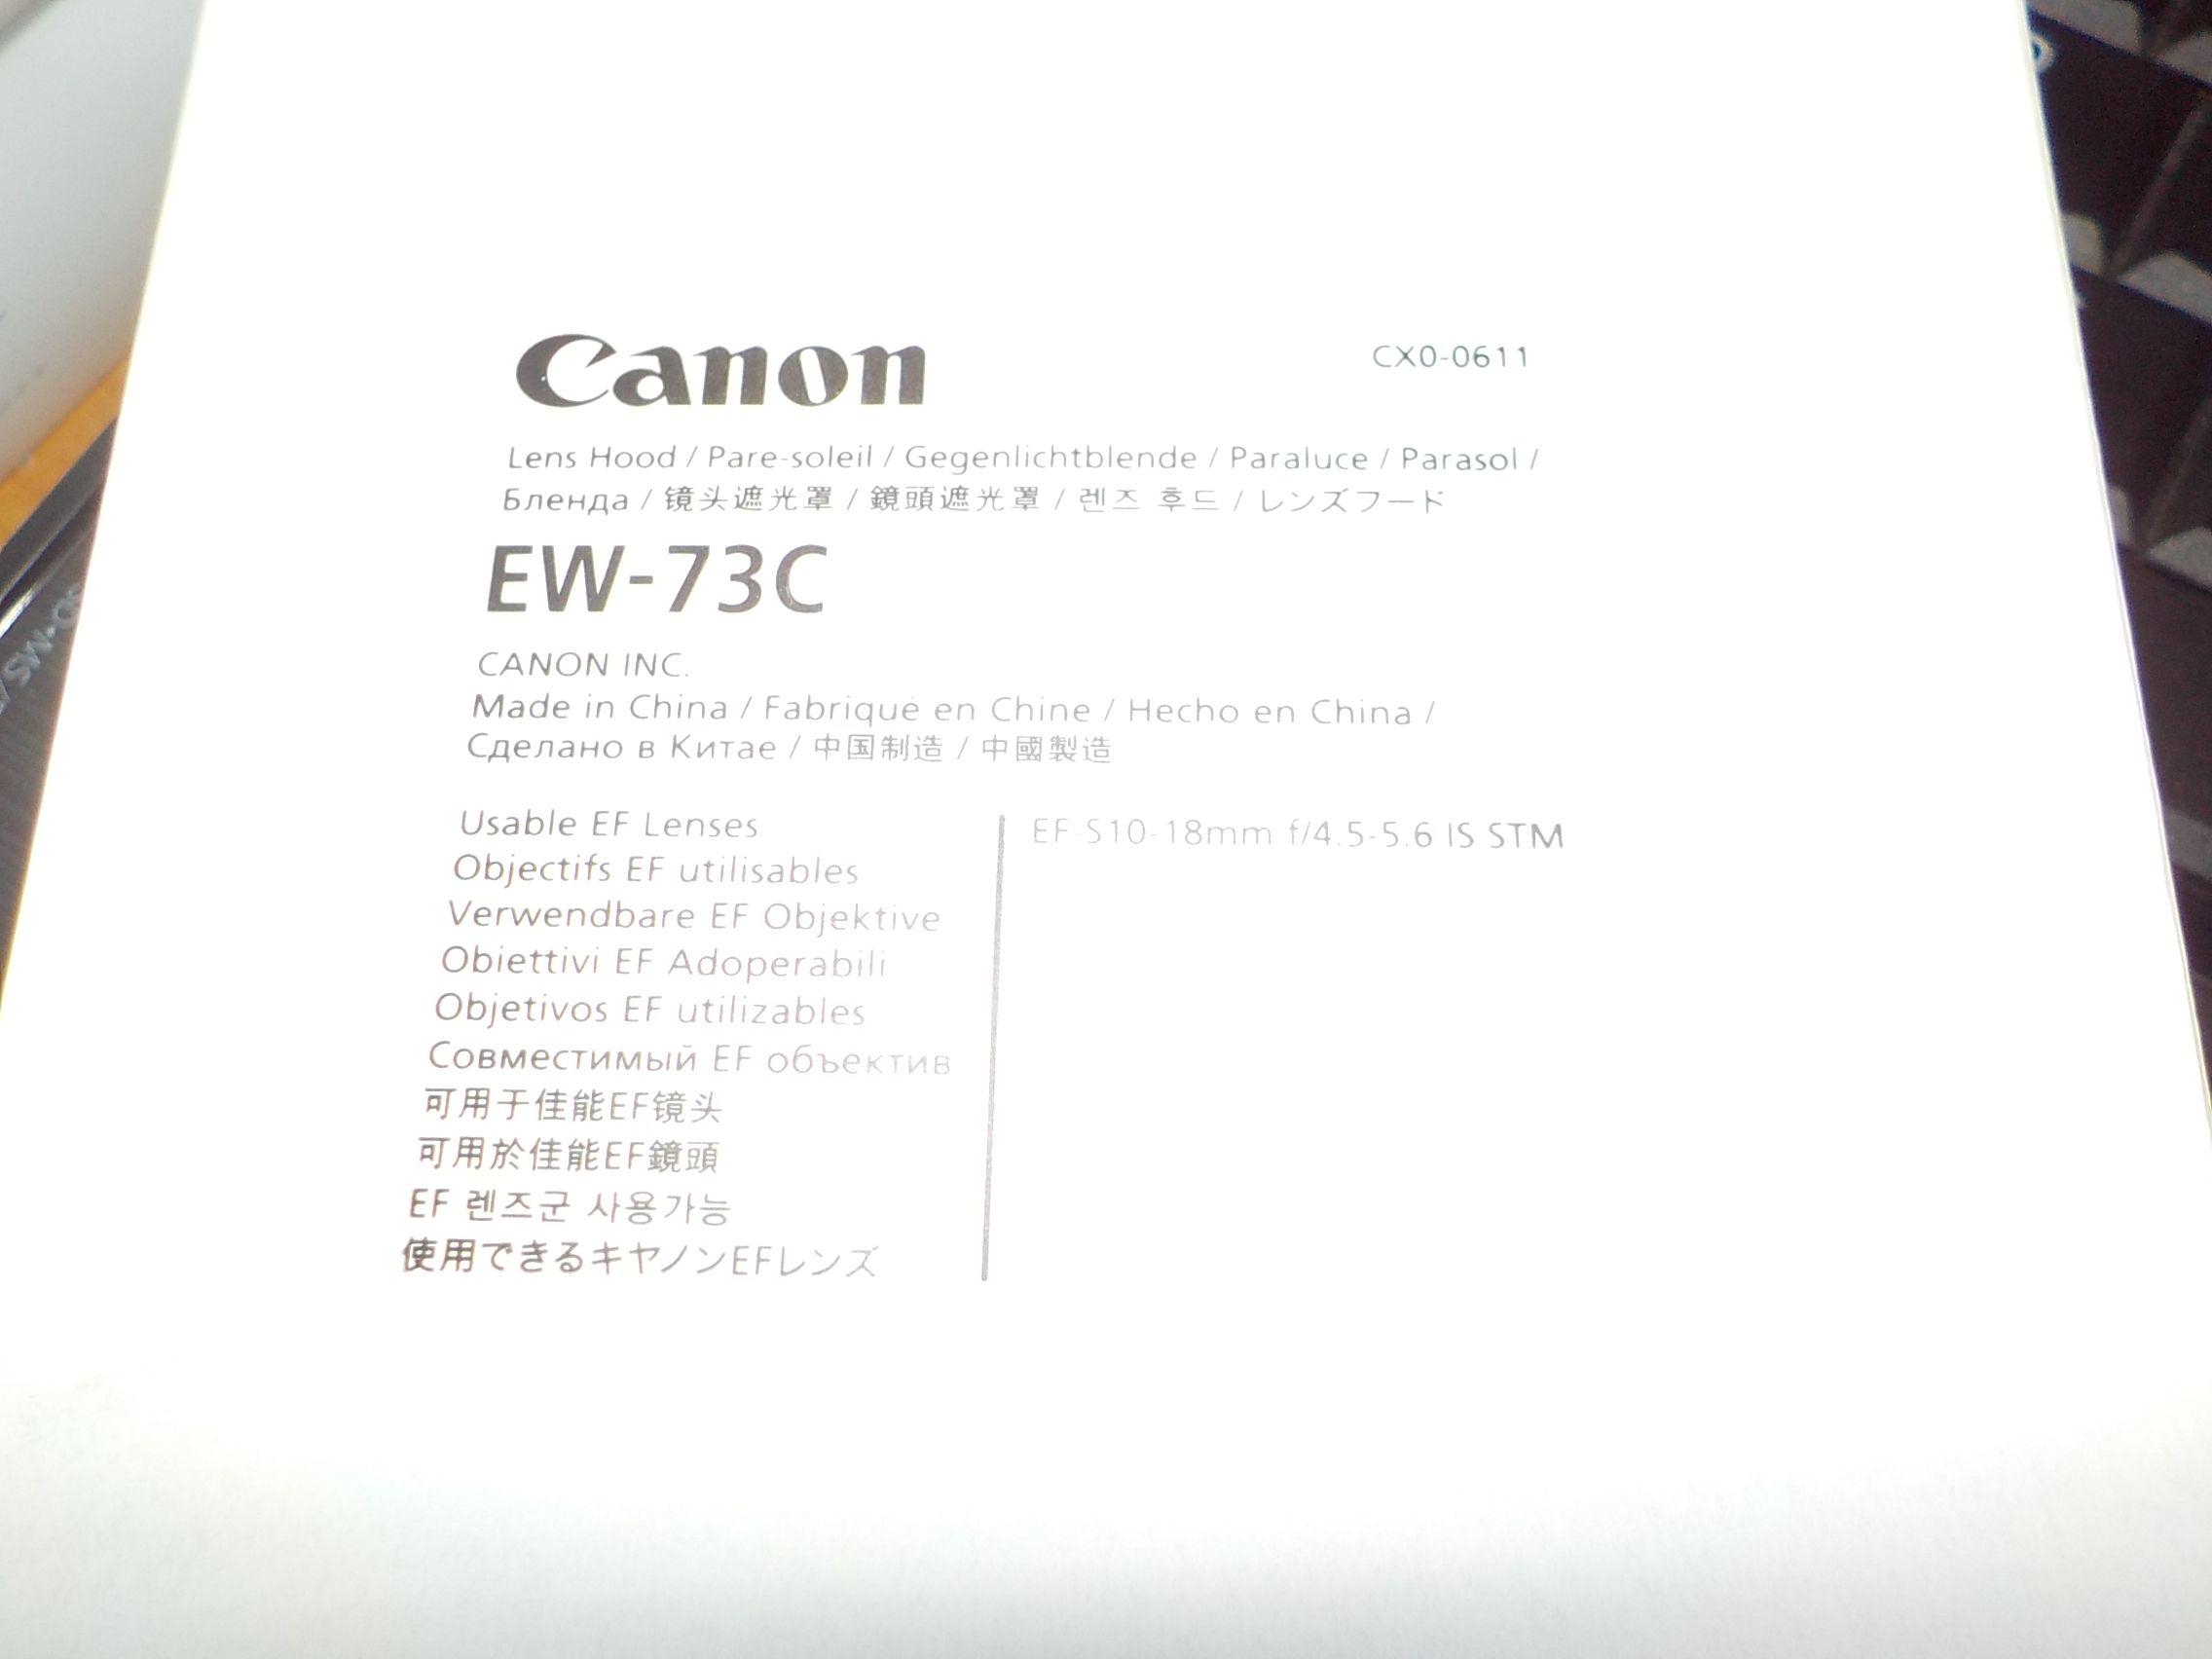 EW-73C paraluce per 10-18 IS STM